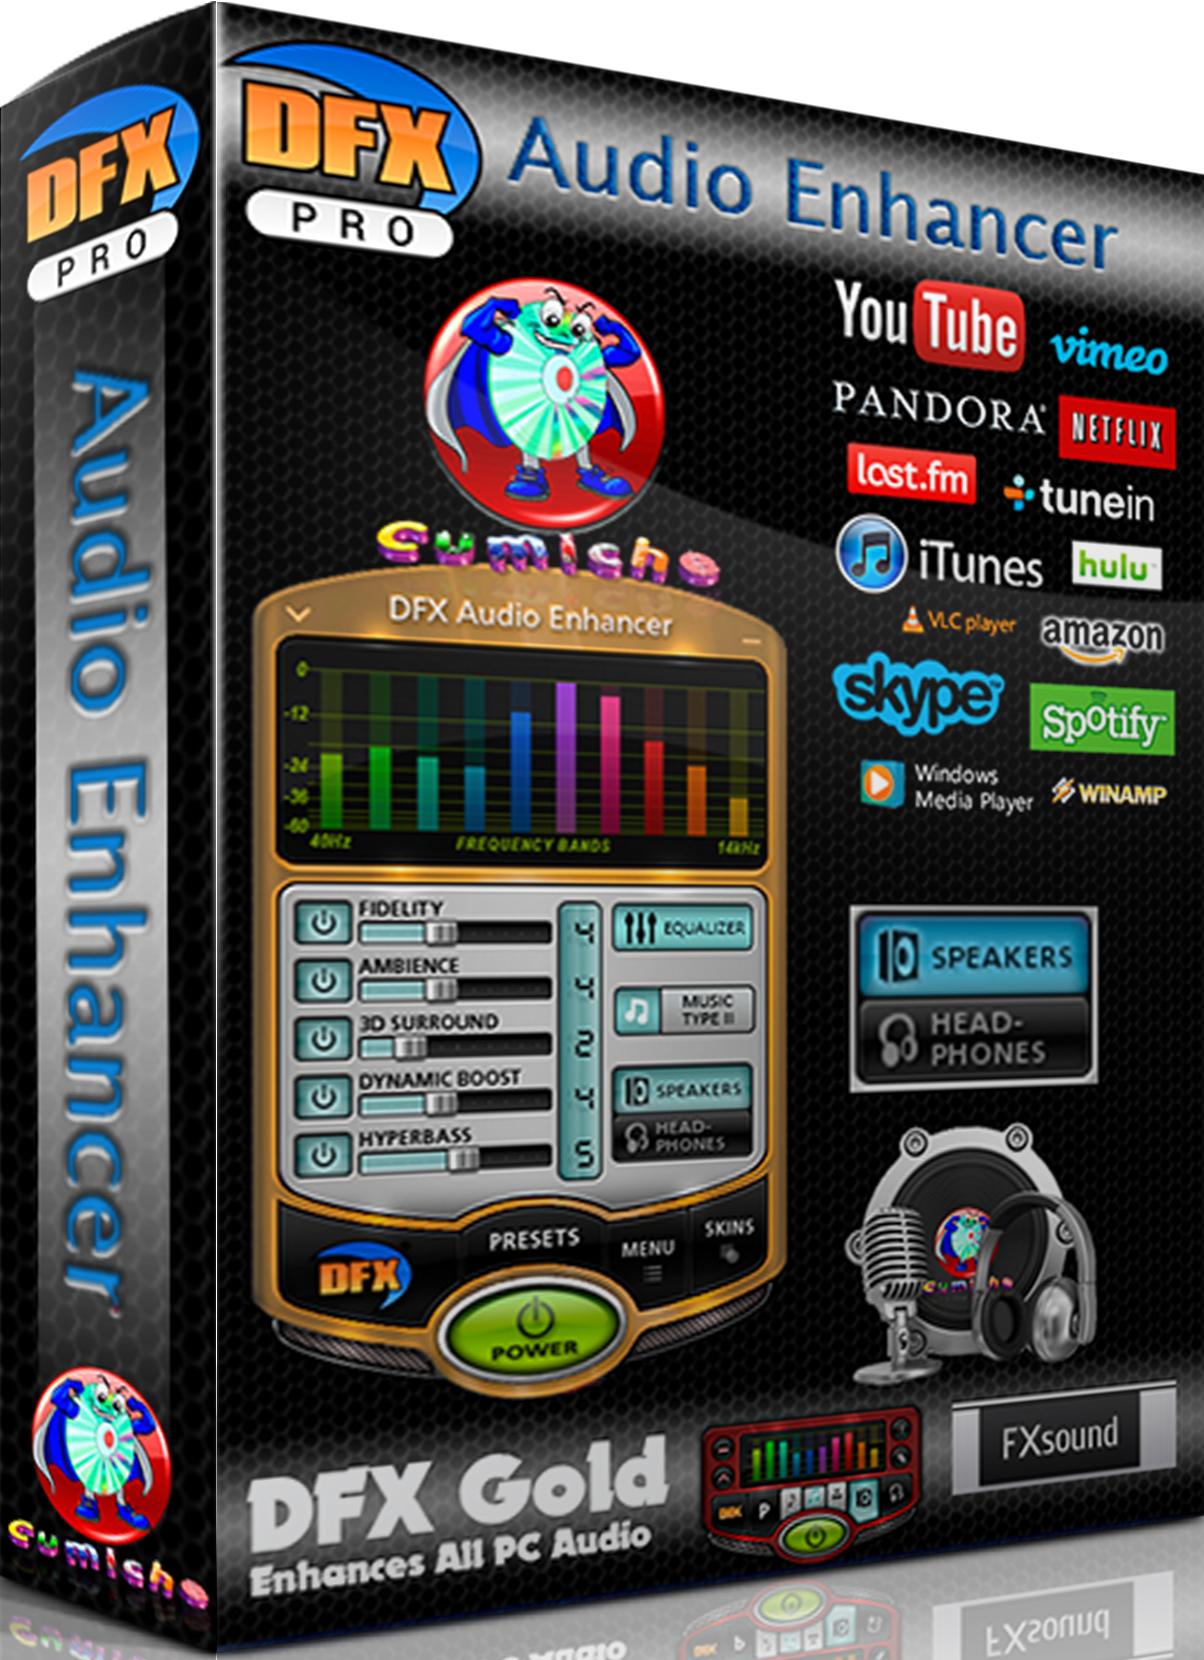 fxsound enhancer alternative